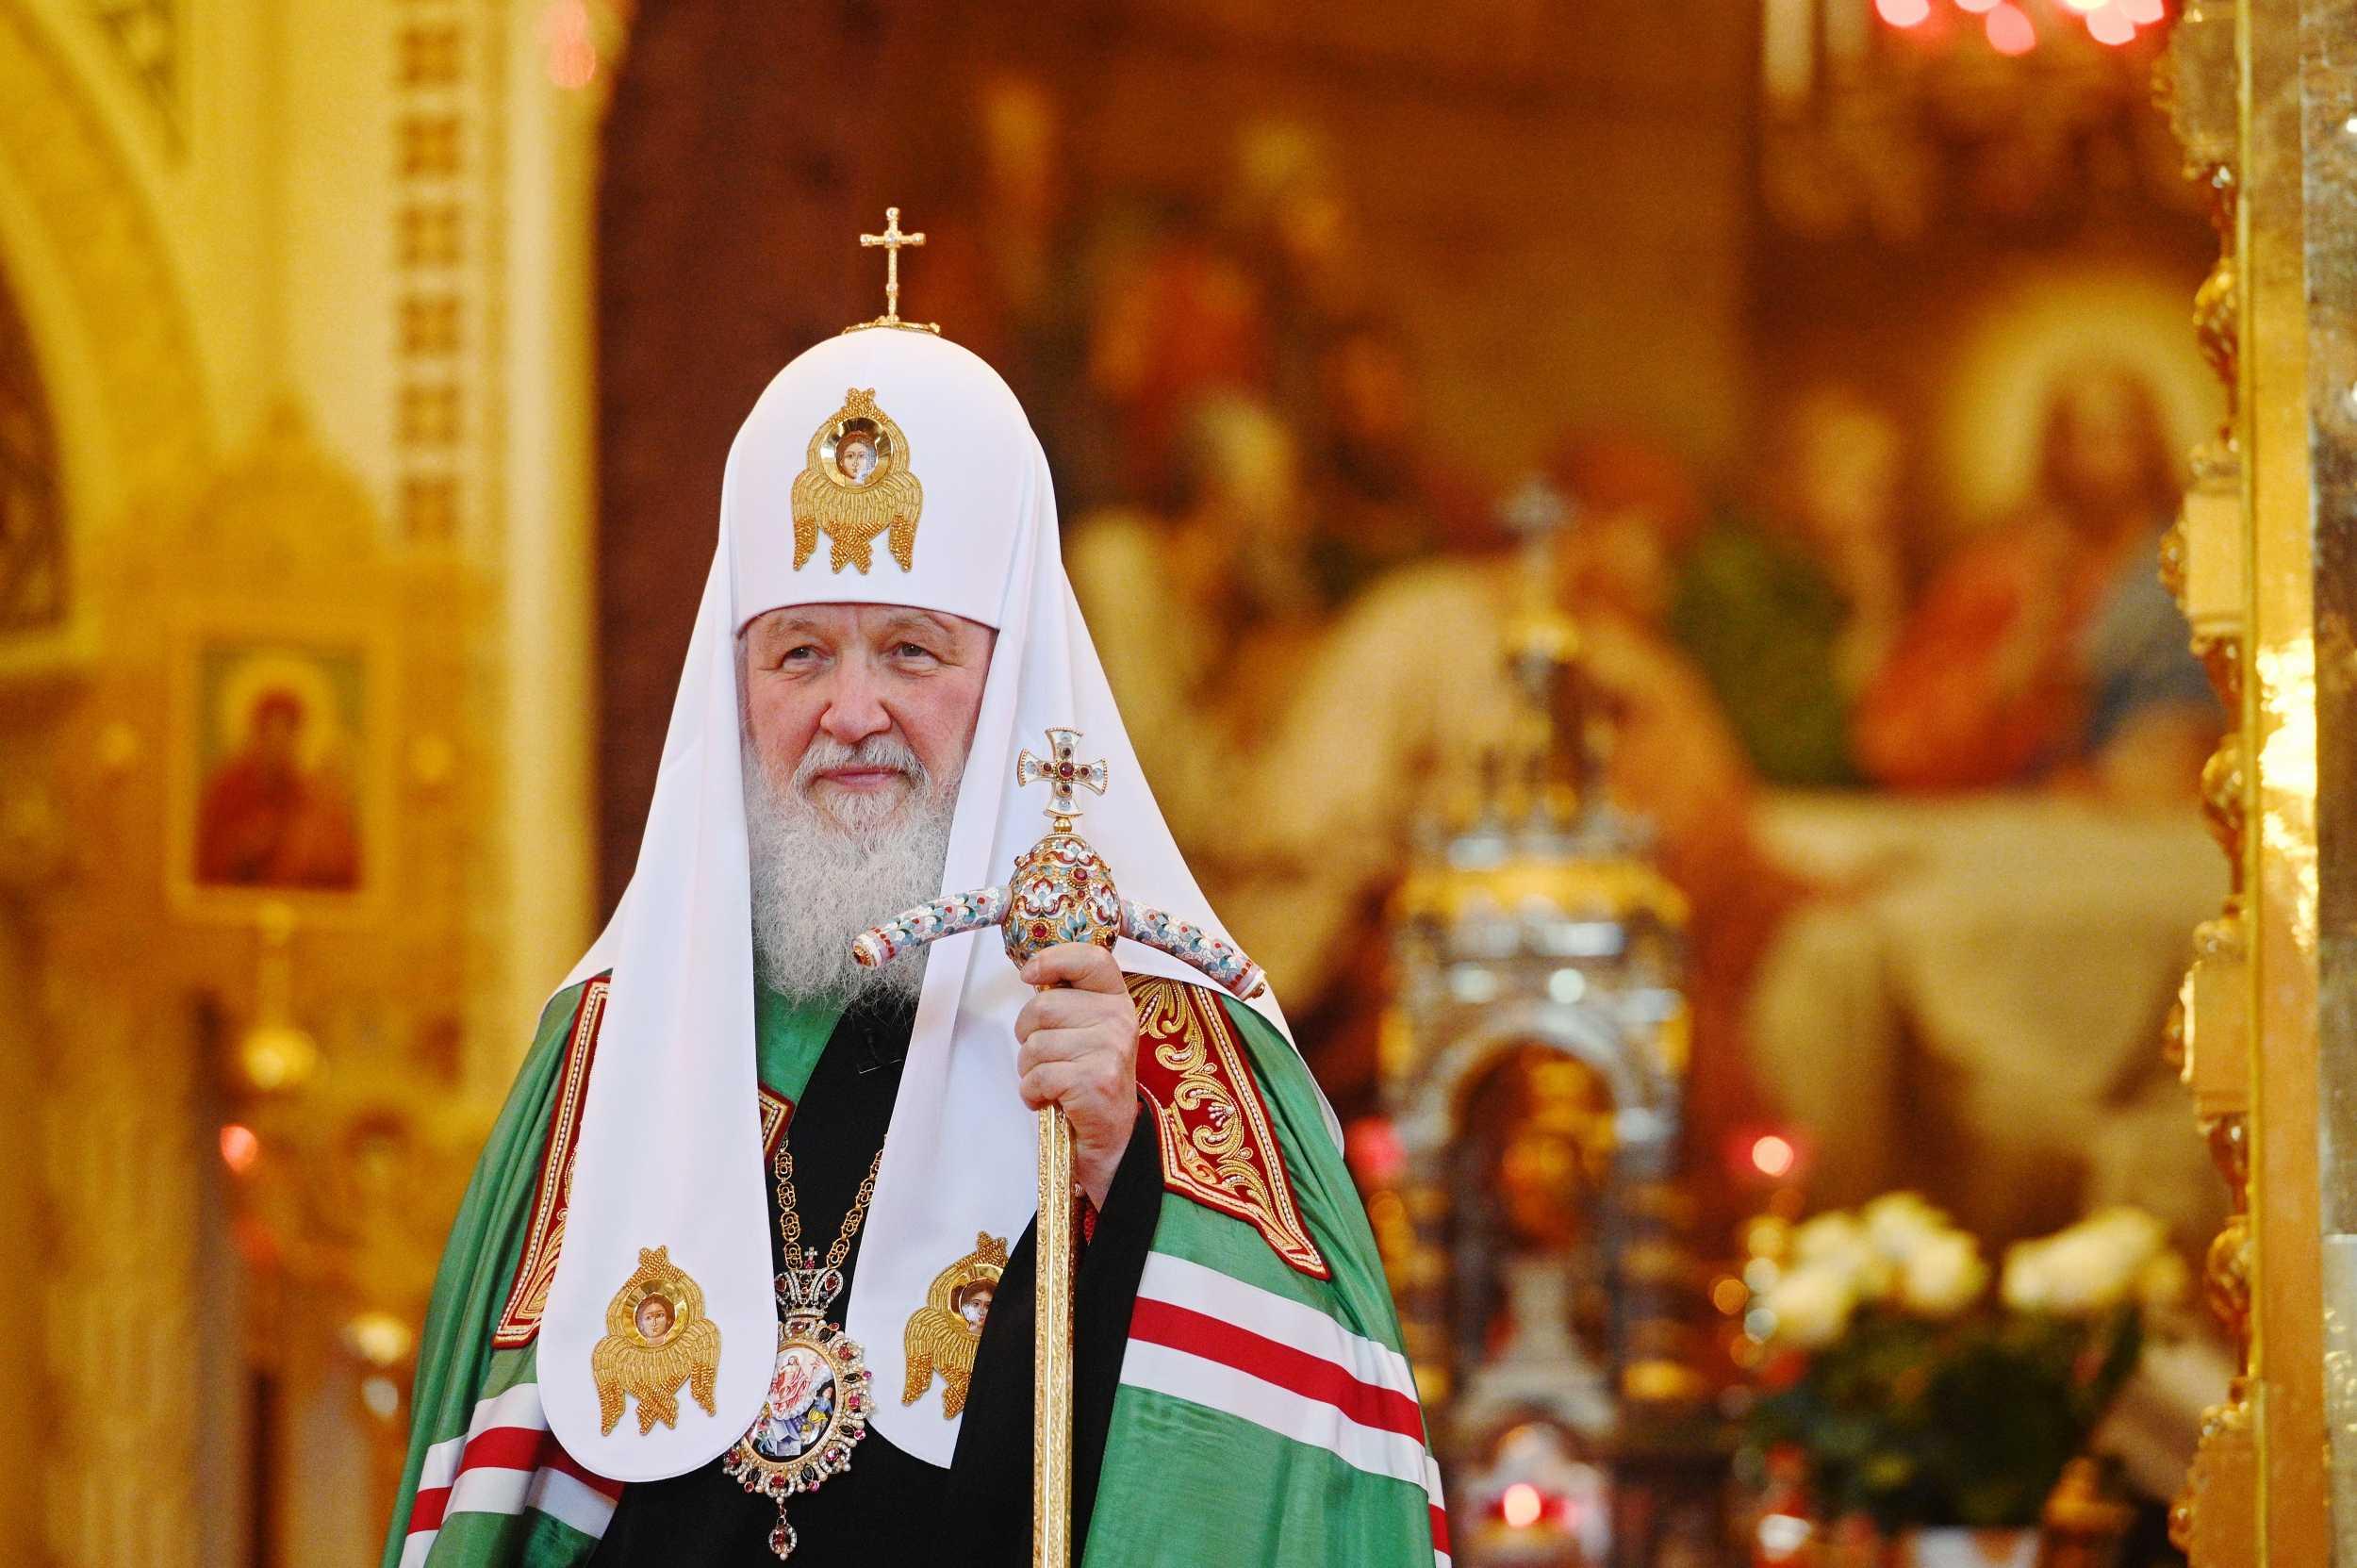 Святейший Патриарх Кирилл: В совершении добрых дел проявляется вера